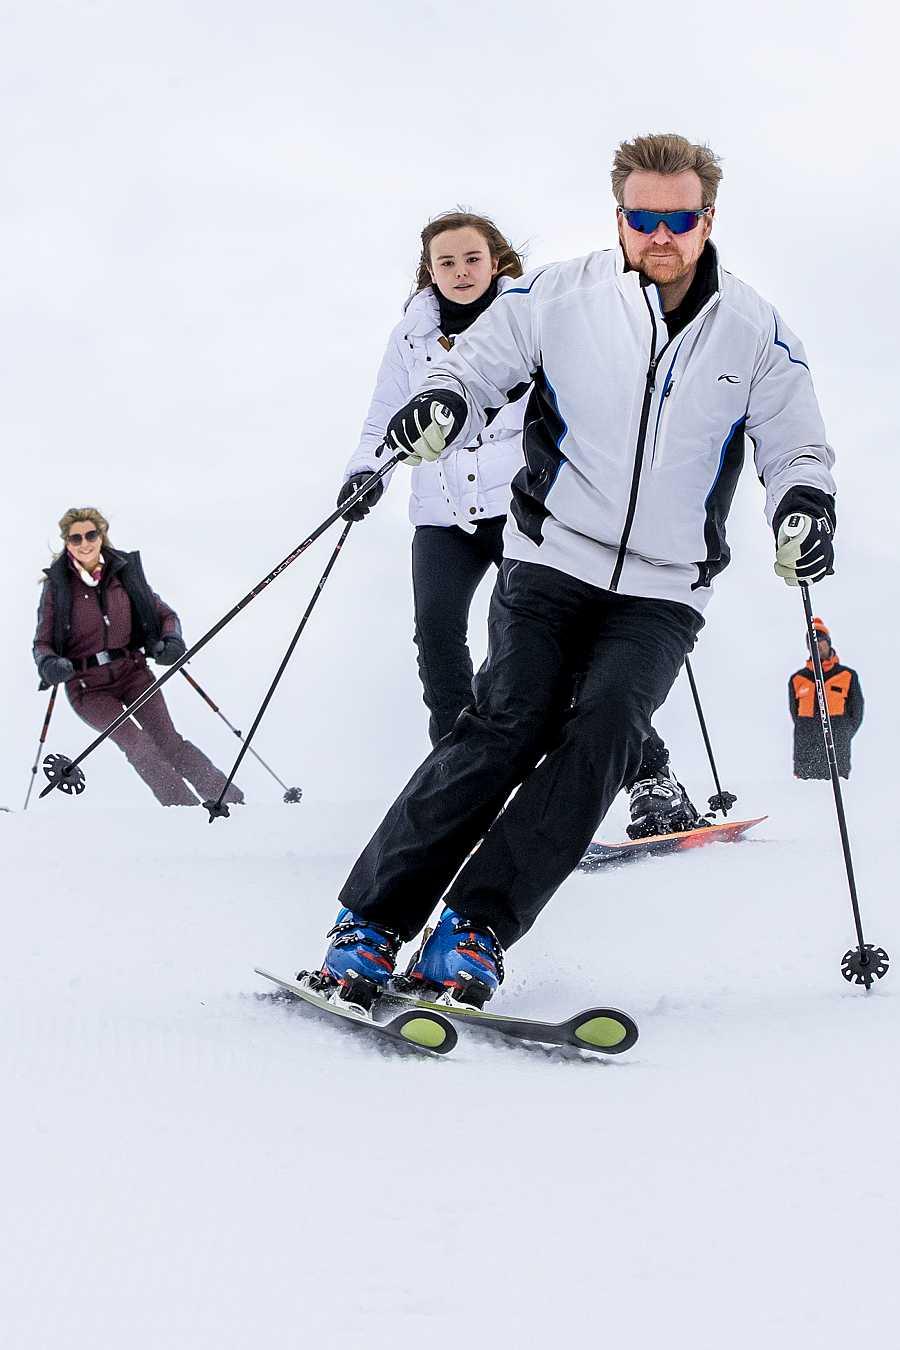 Guillermo de Holanda esquiando en Lech, Australia, durante una sesión de fotos